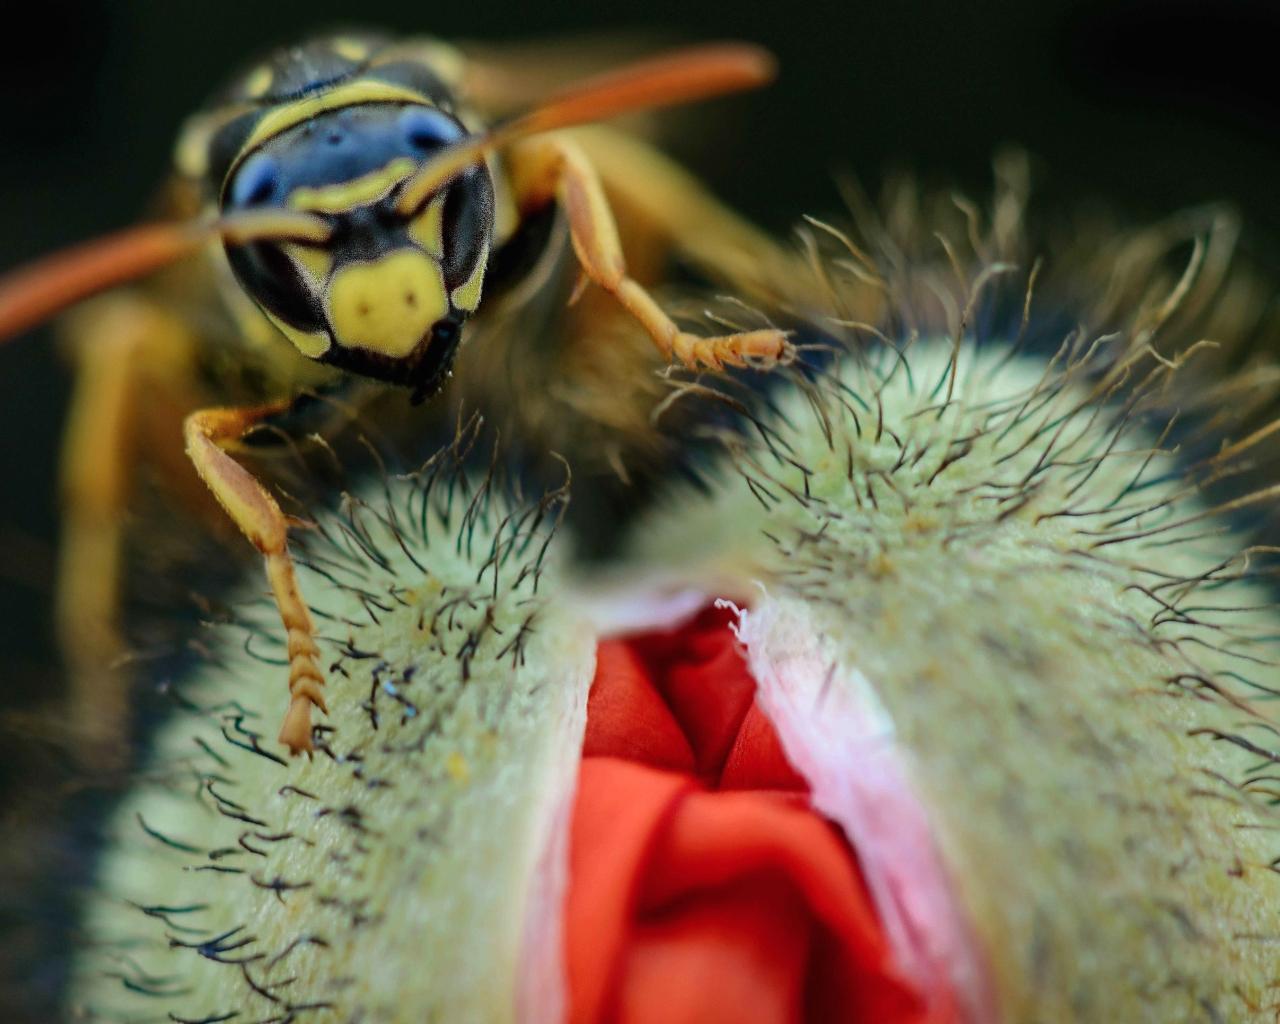 Una avispa y una amapola - 1280x1024